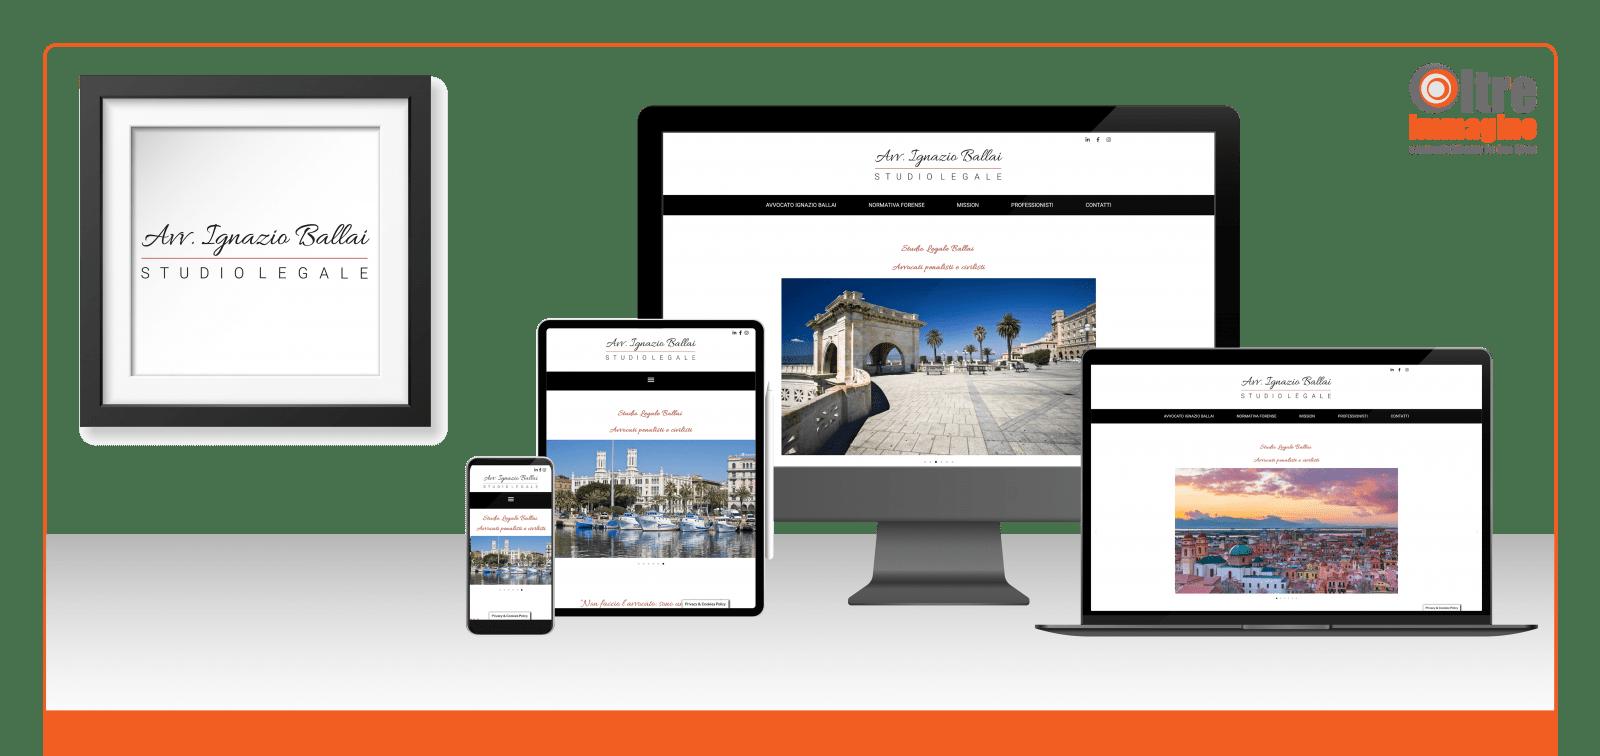 Studio Legale Ballai - studio e realizzazione logo e sito web responsive